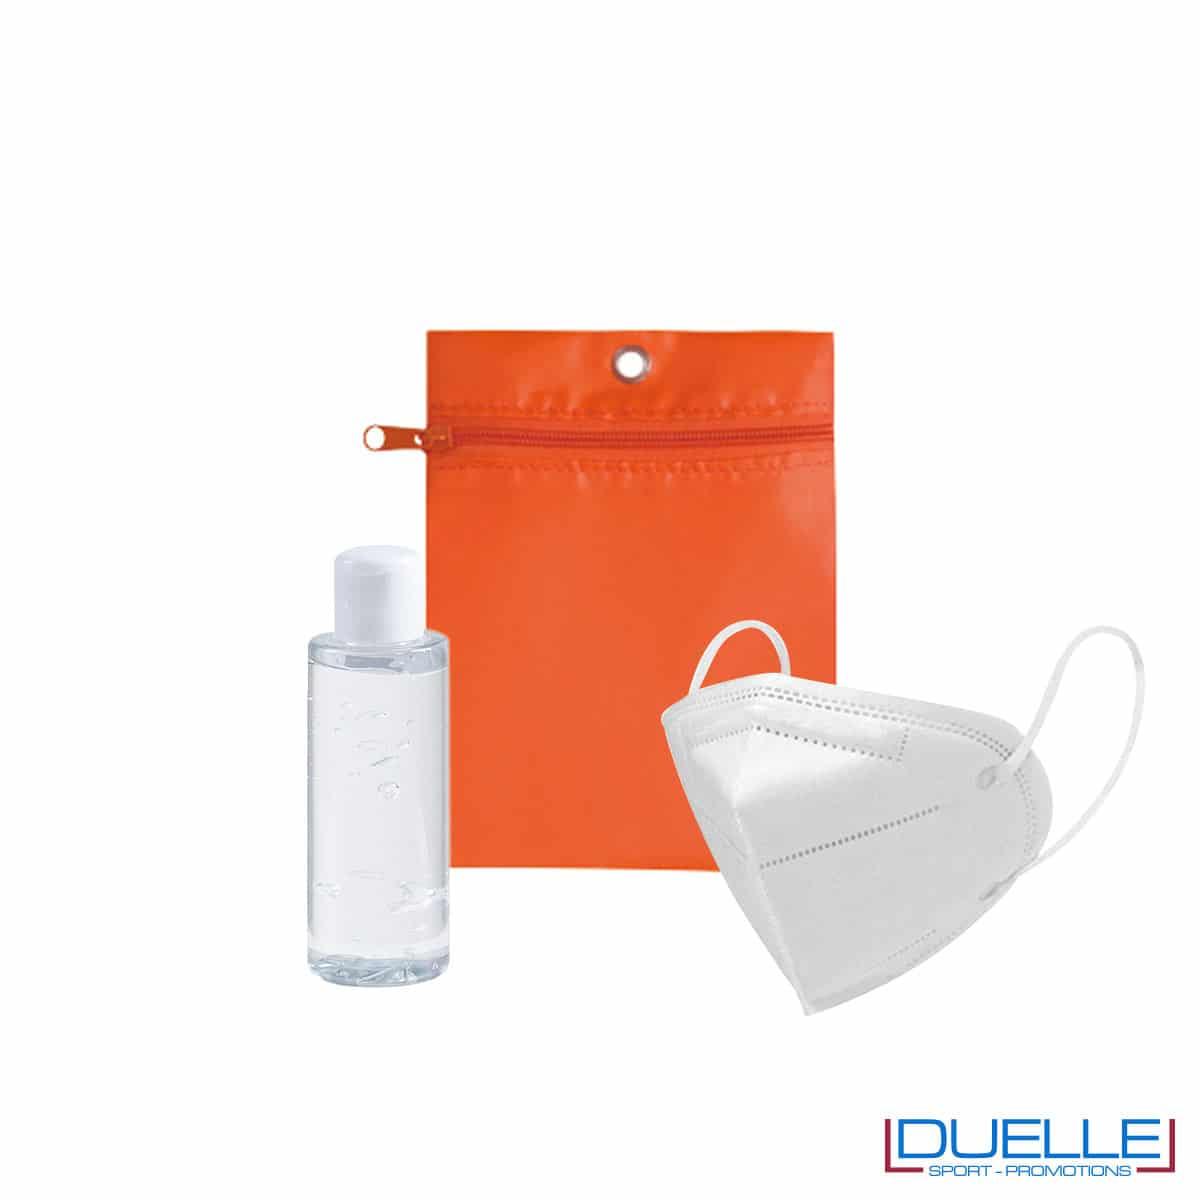 Set da viaggio igienizzante con bustina colore arancione personalizzata